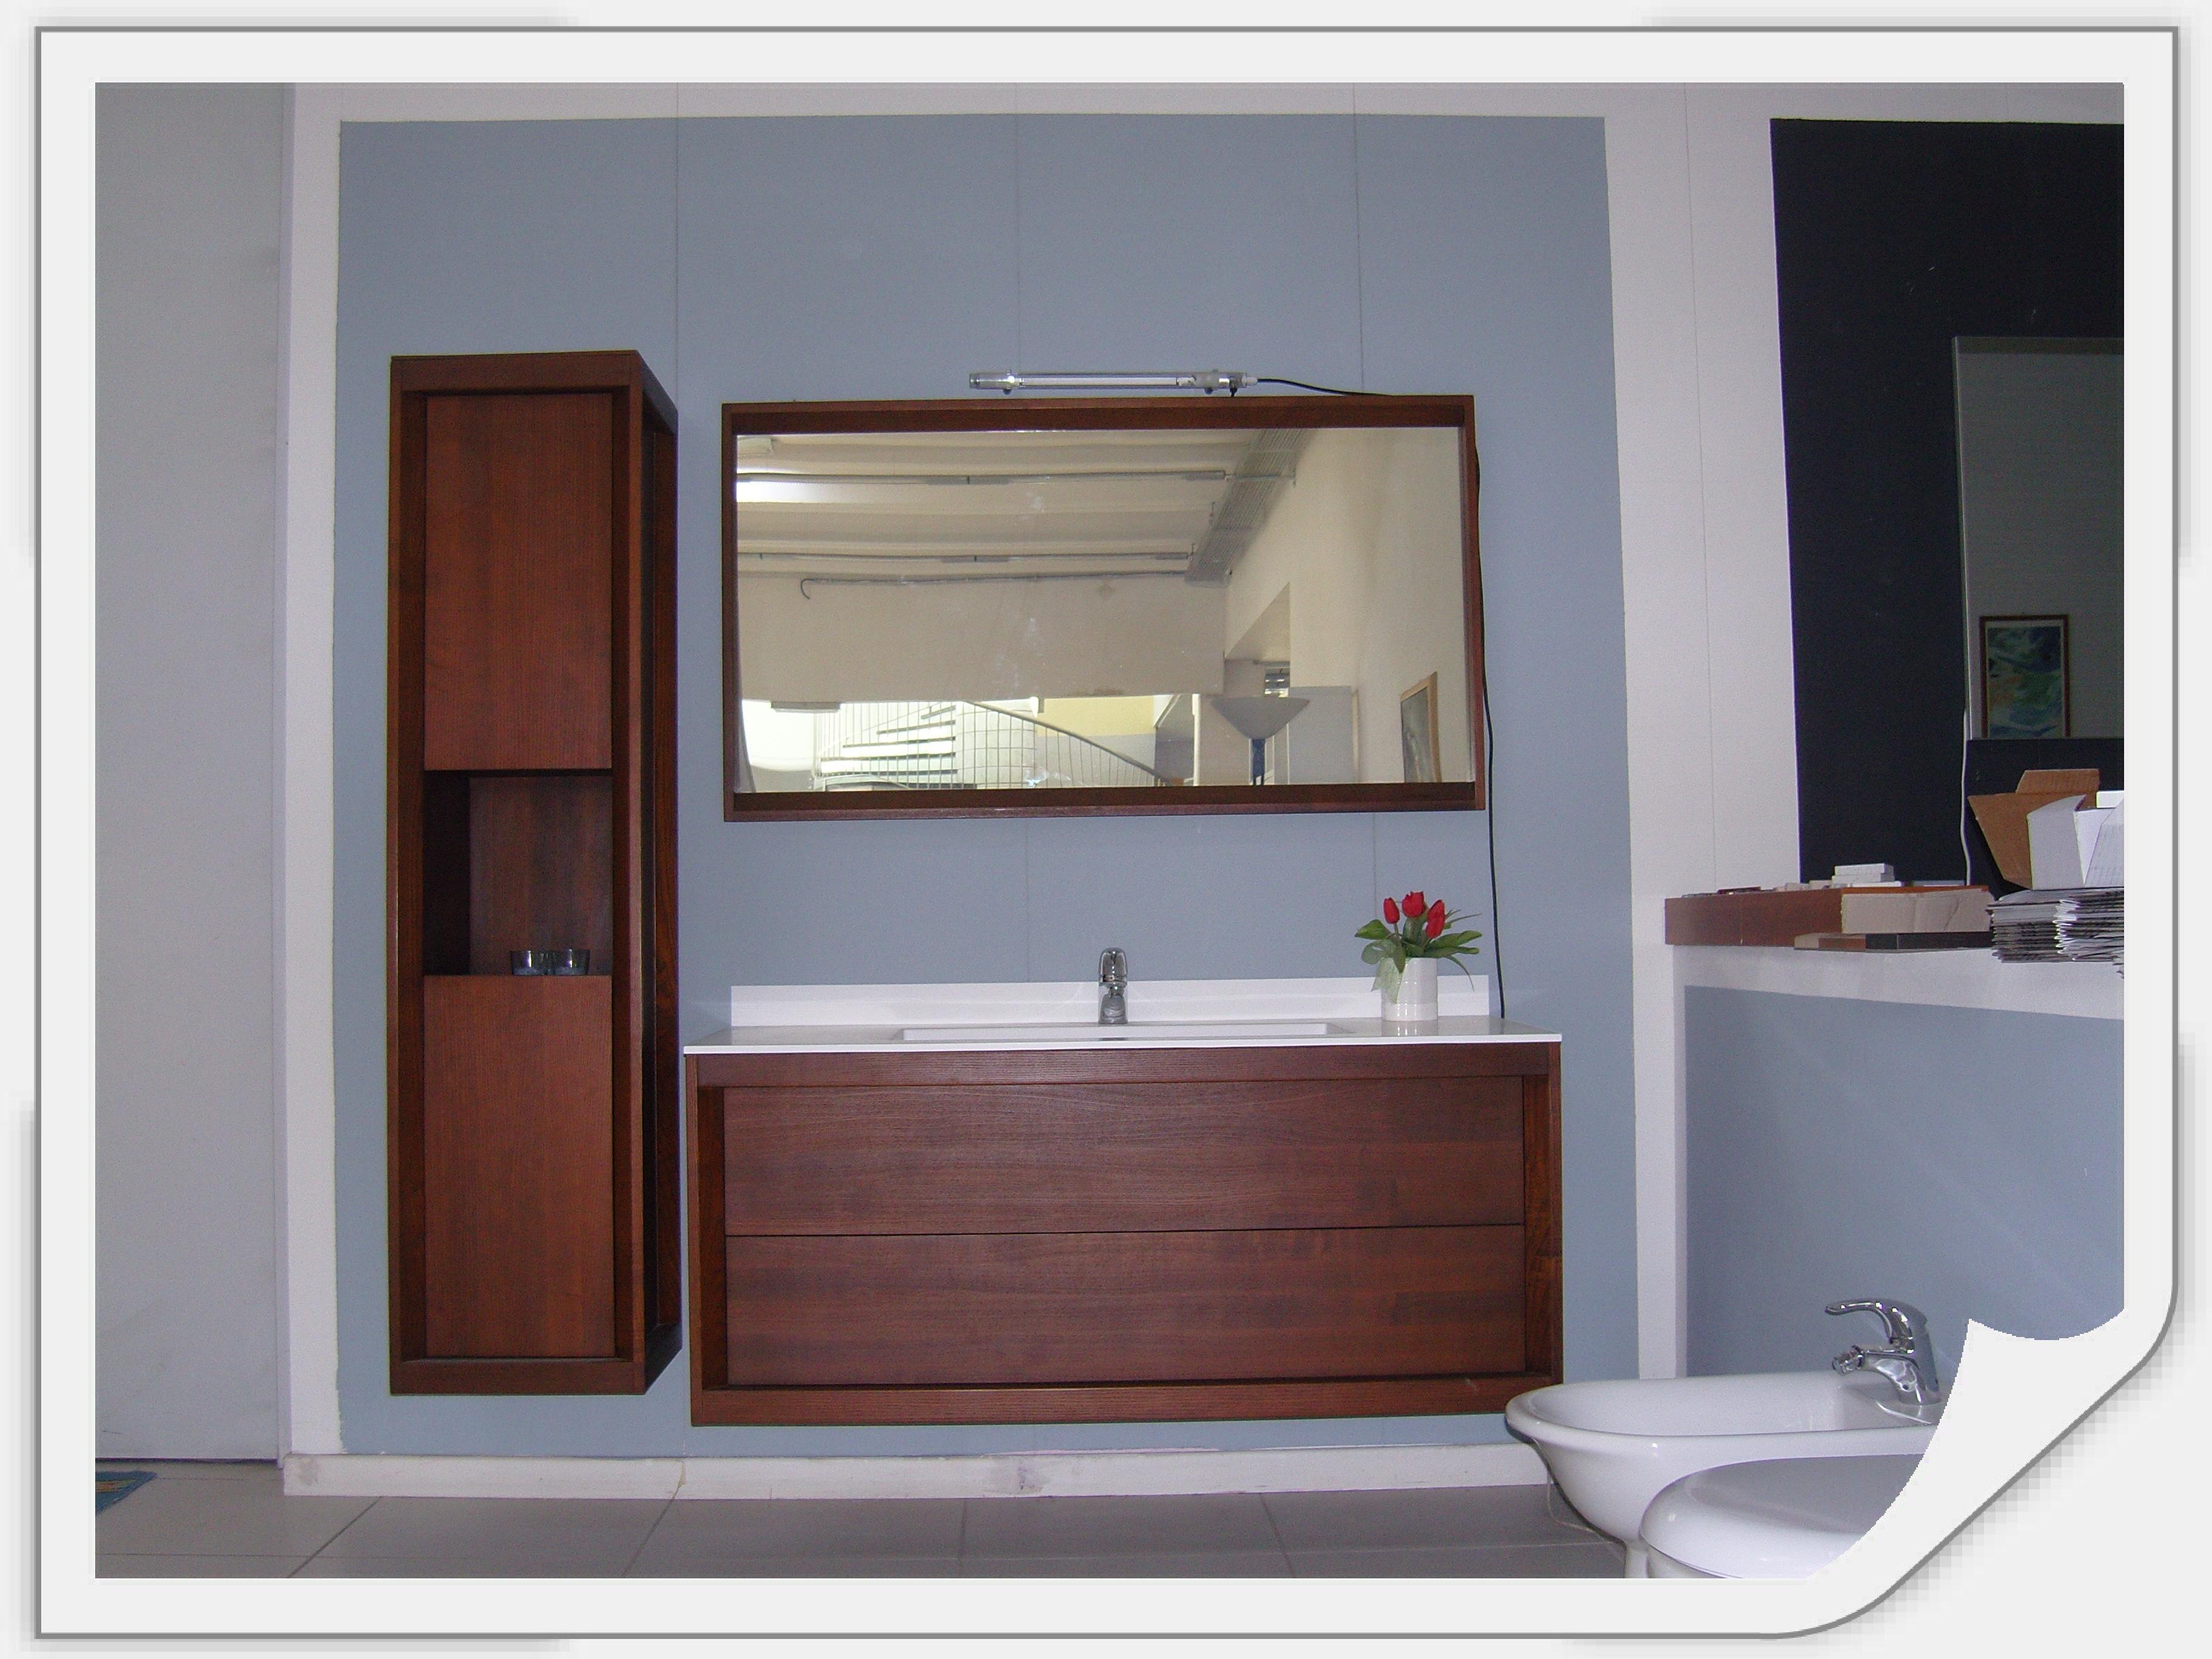 Mobili per bagno in legno massello mobili bagno essenza - Mobili bagno teak ...